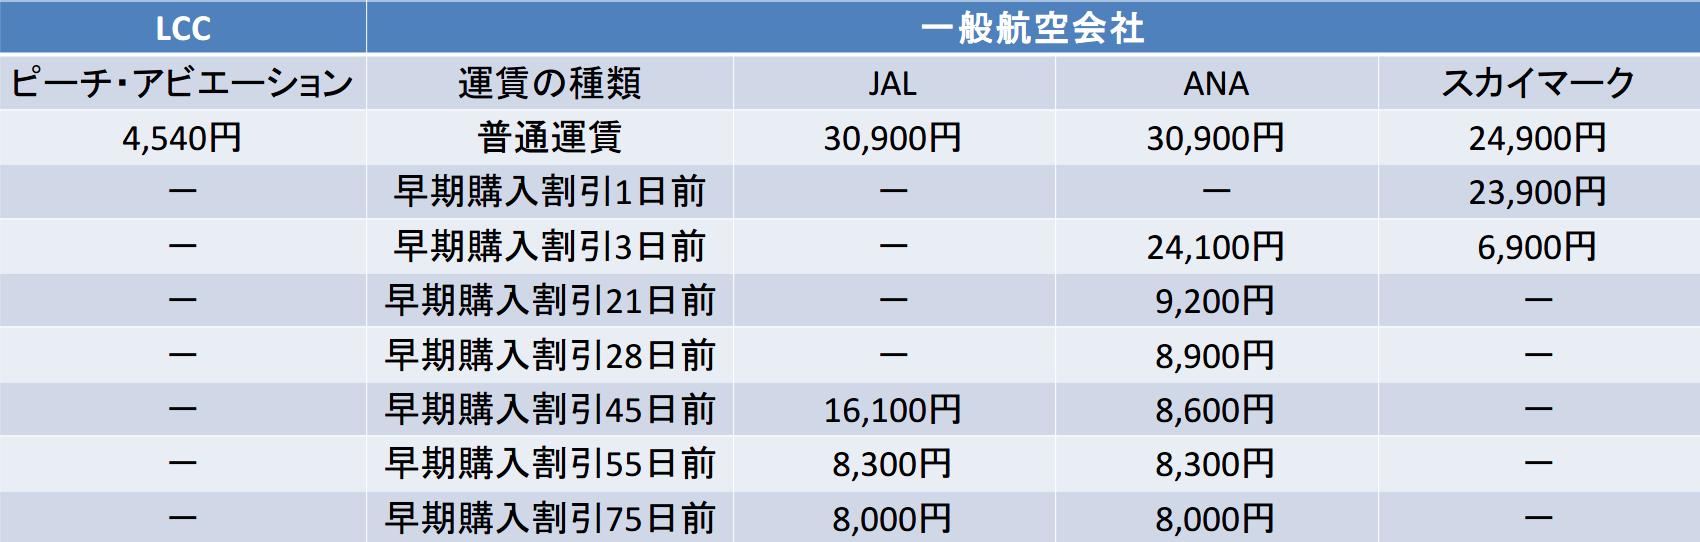 那覇-福岡 ピーチ JAL ANA スカイマーク 料金比較